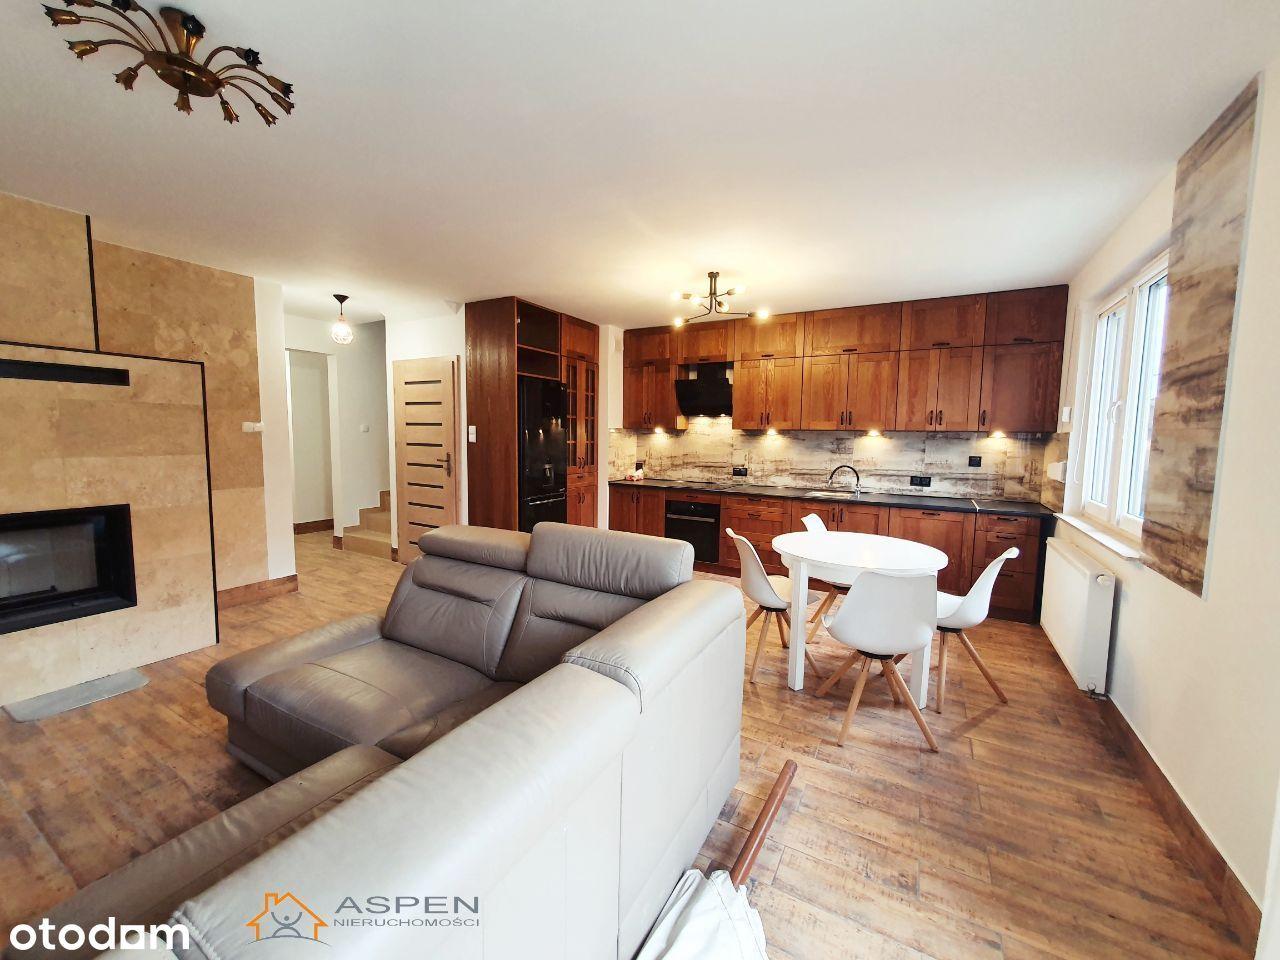 3 sypialnie, 2 łazienki, garaż NOWA OFERTA